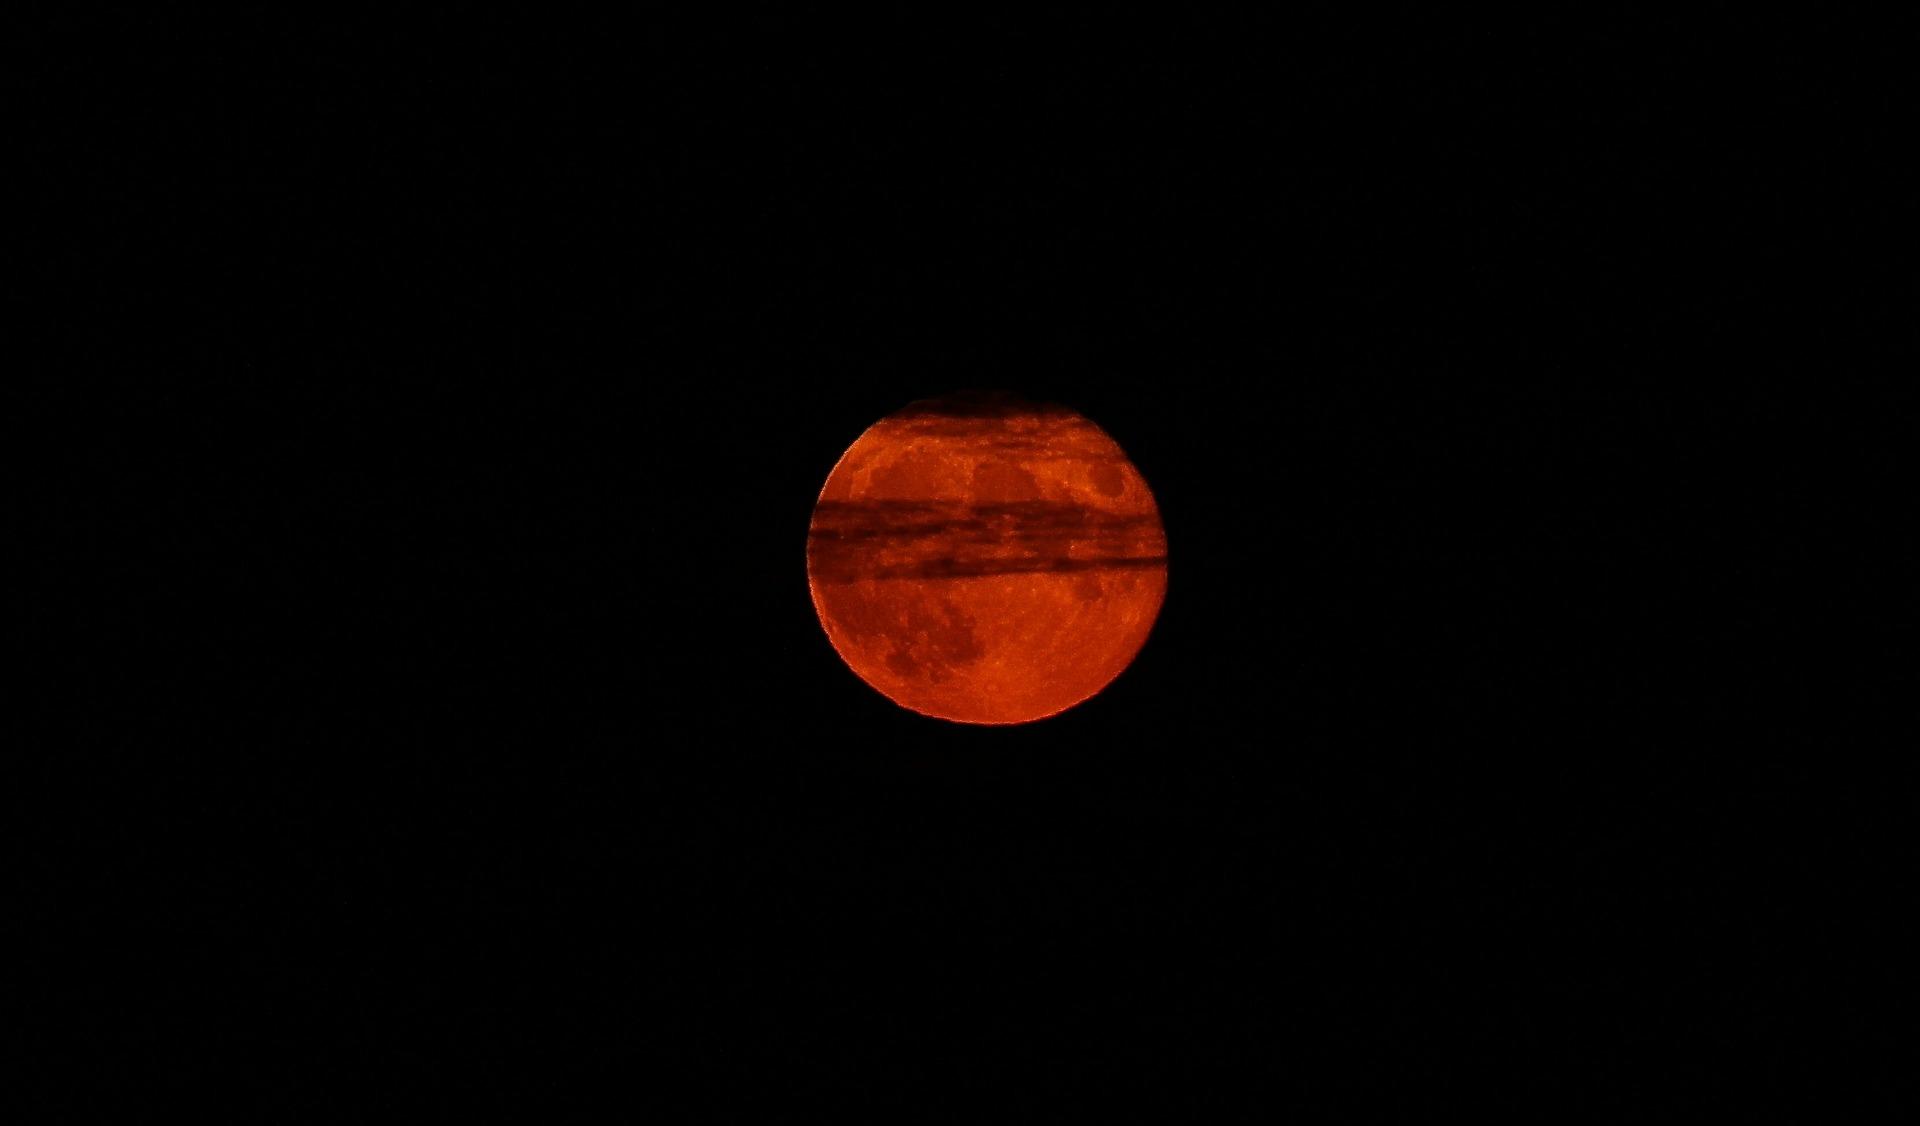 blood moon 2018 kansas - photo #40